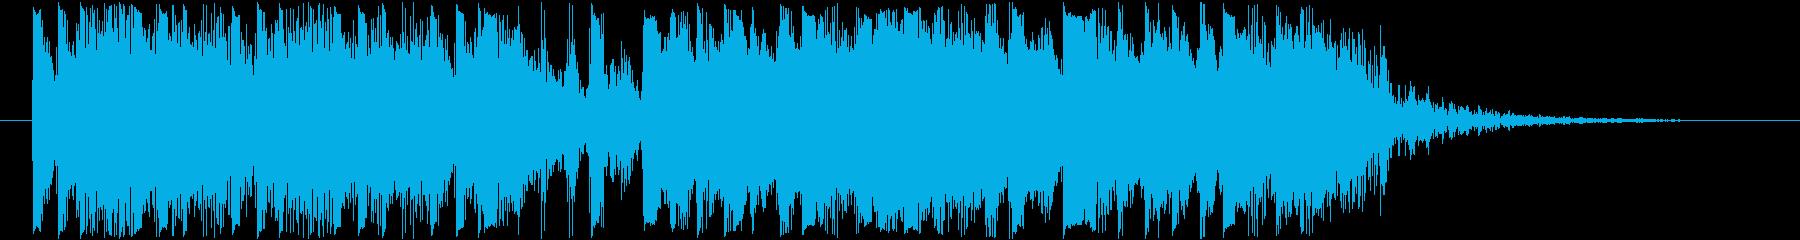 ムーディーなハイクオリティージングル15の再生済みの波形